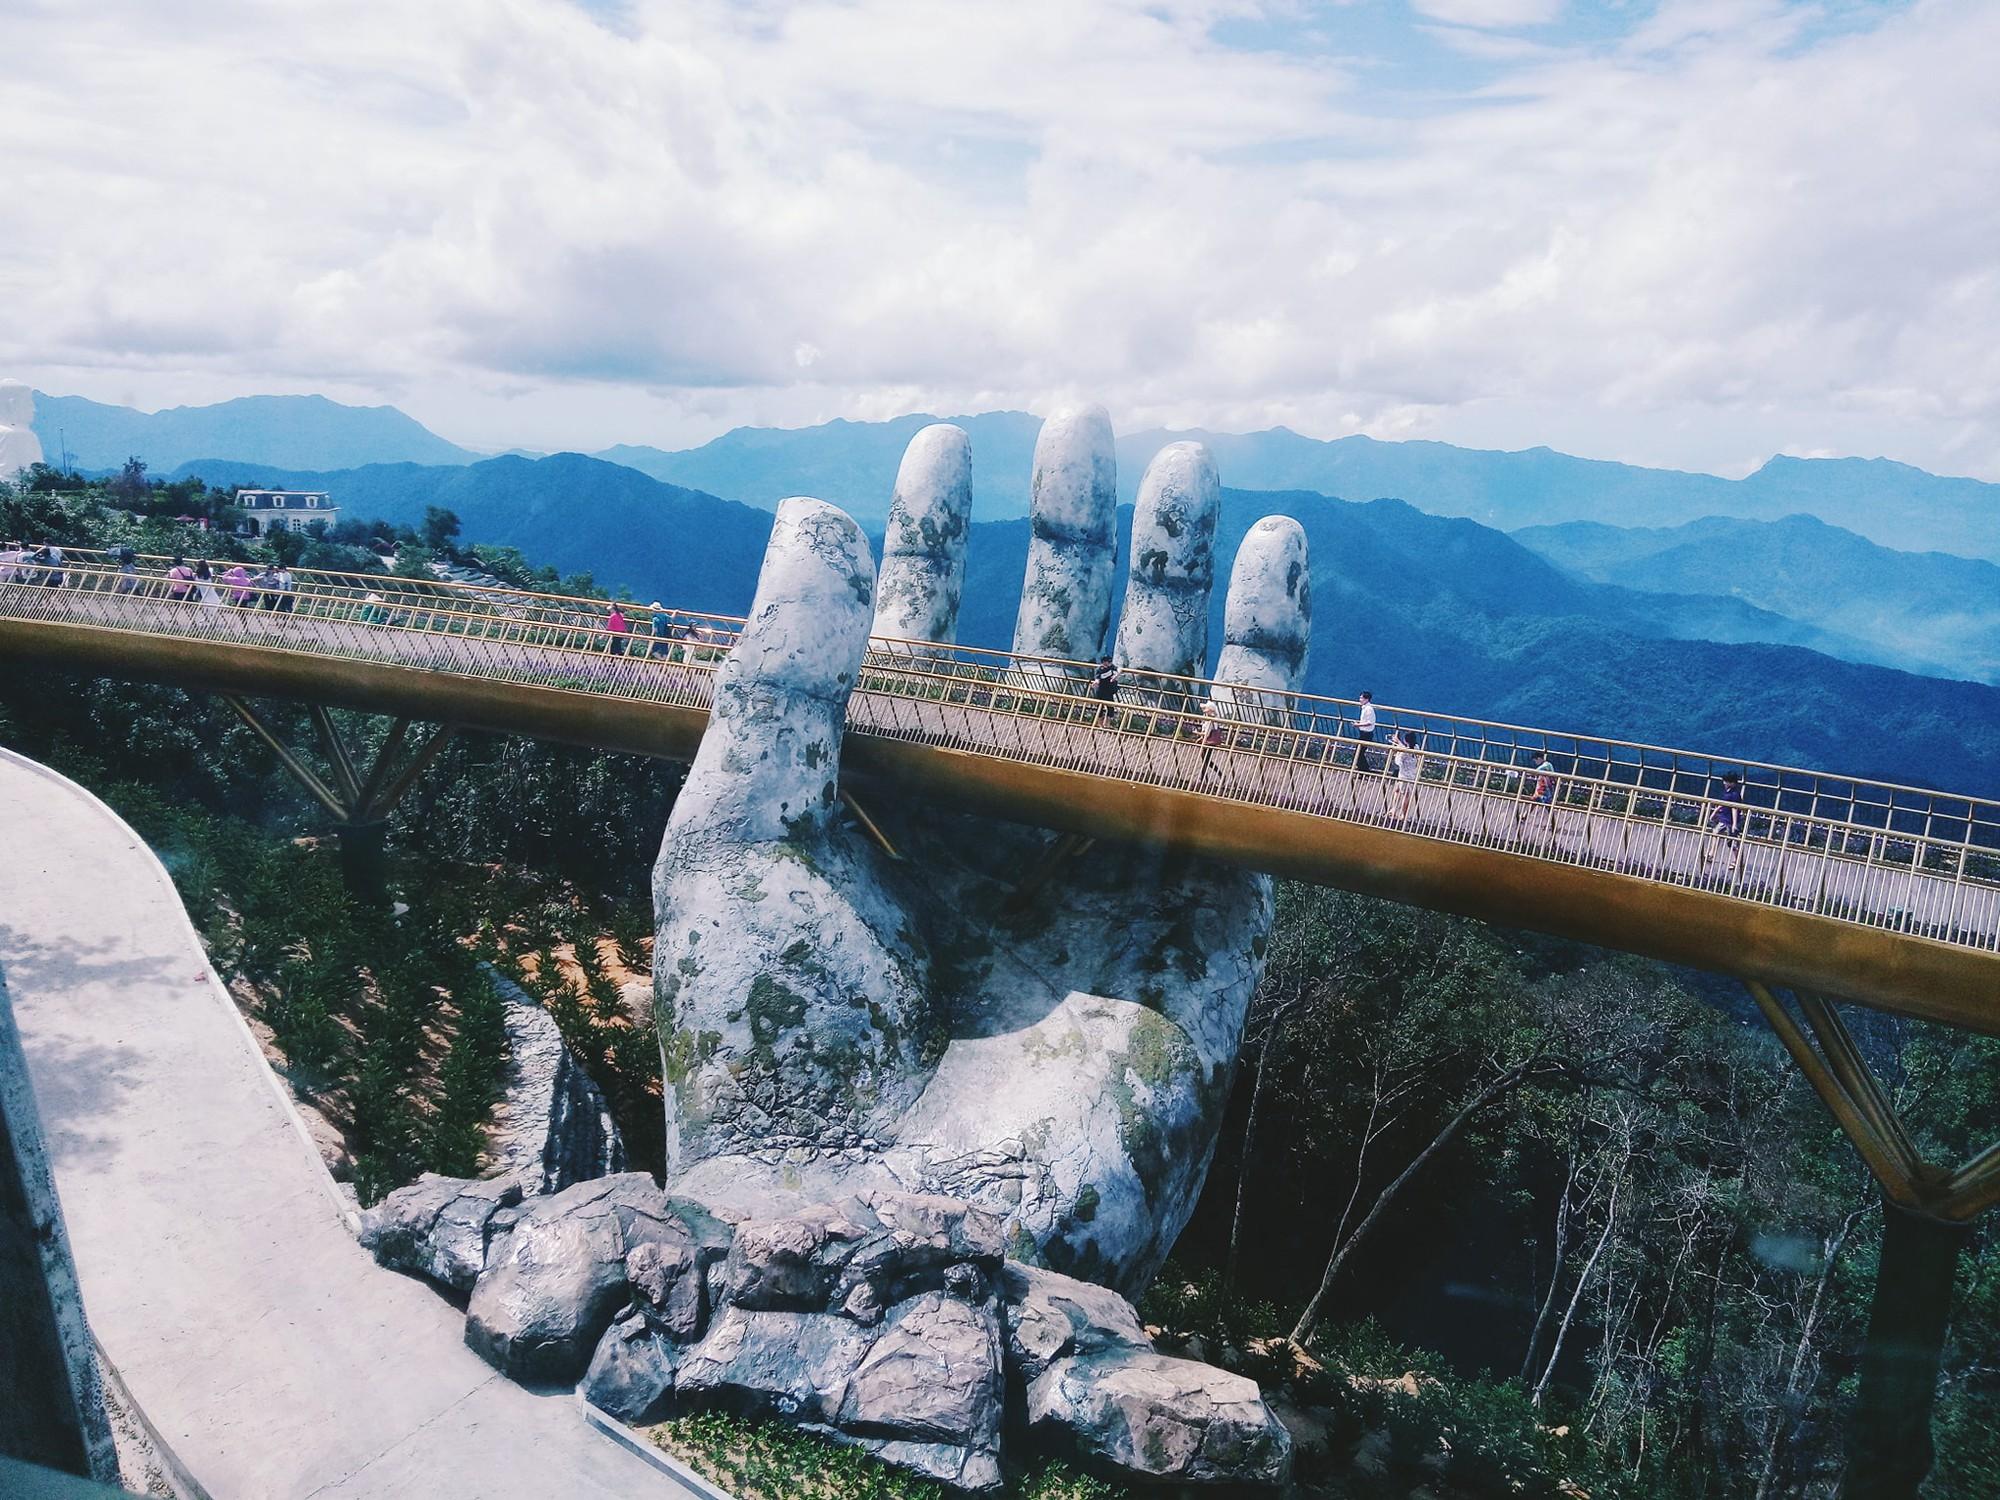 Tung ảnh chê Cầu Vàng ở Đà Nẵng đông nghịt khách, khác xa với tưởng tượng - người đăng bị ném đá vì quy chụp  - Ảnh 7.